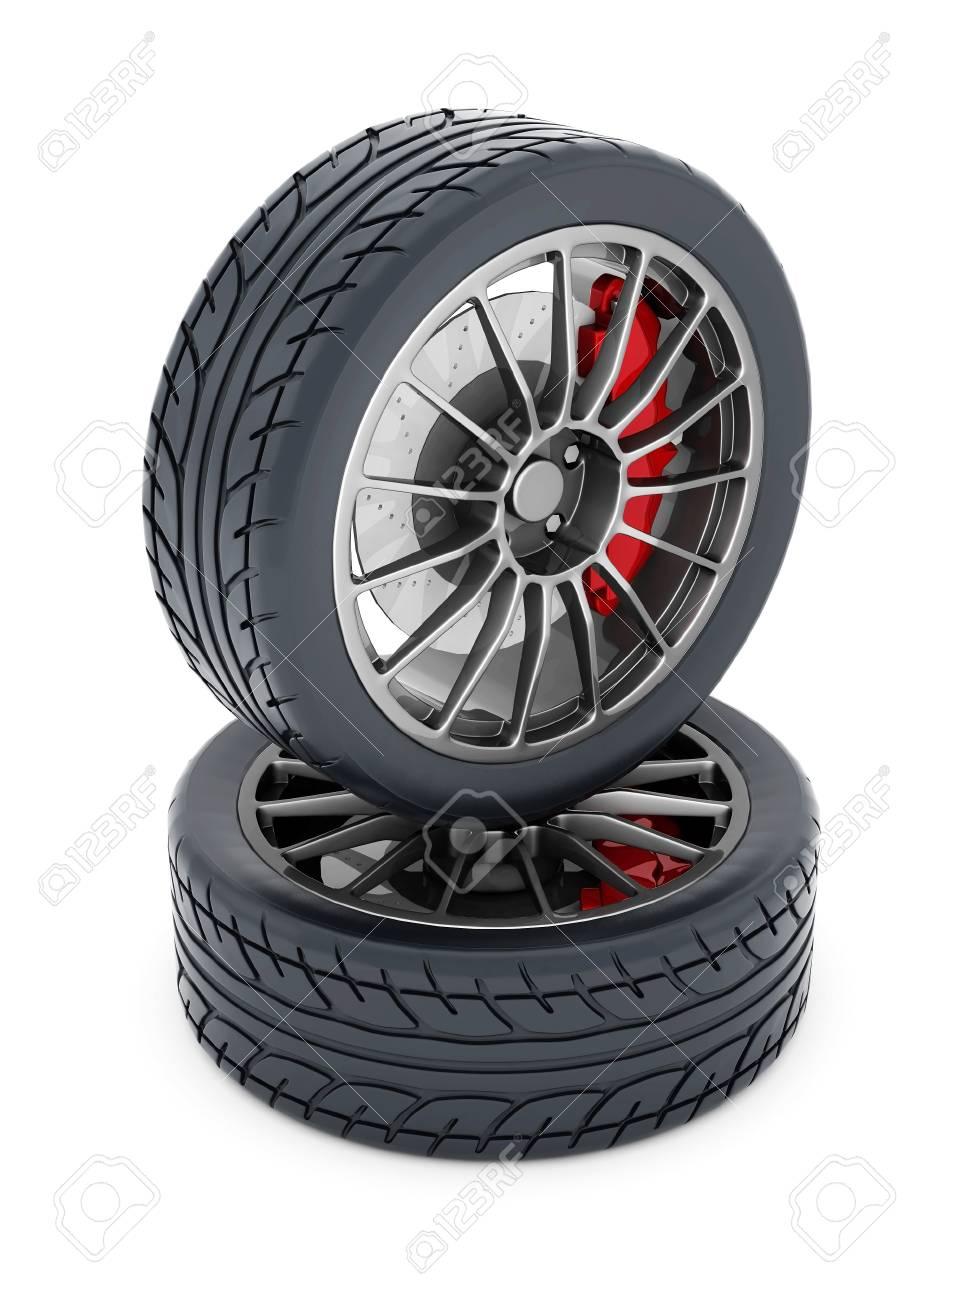 Black sports wheel on a white background Stock Photo - 21926765